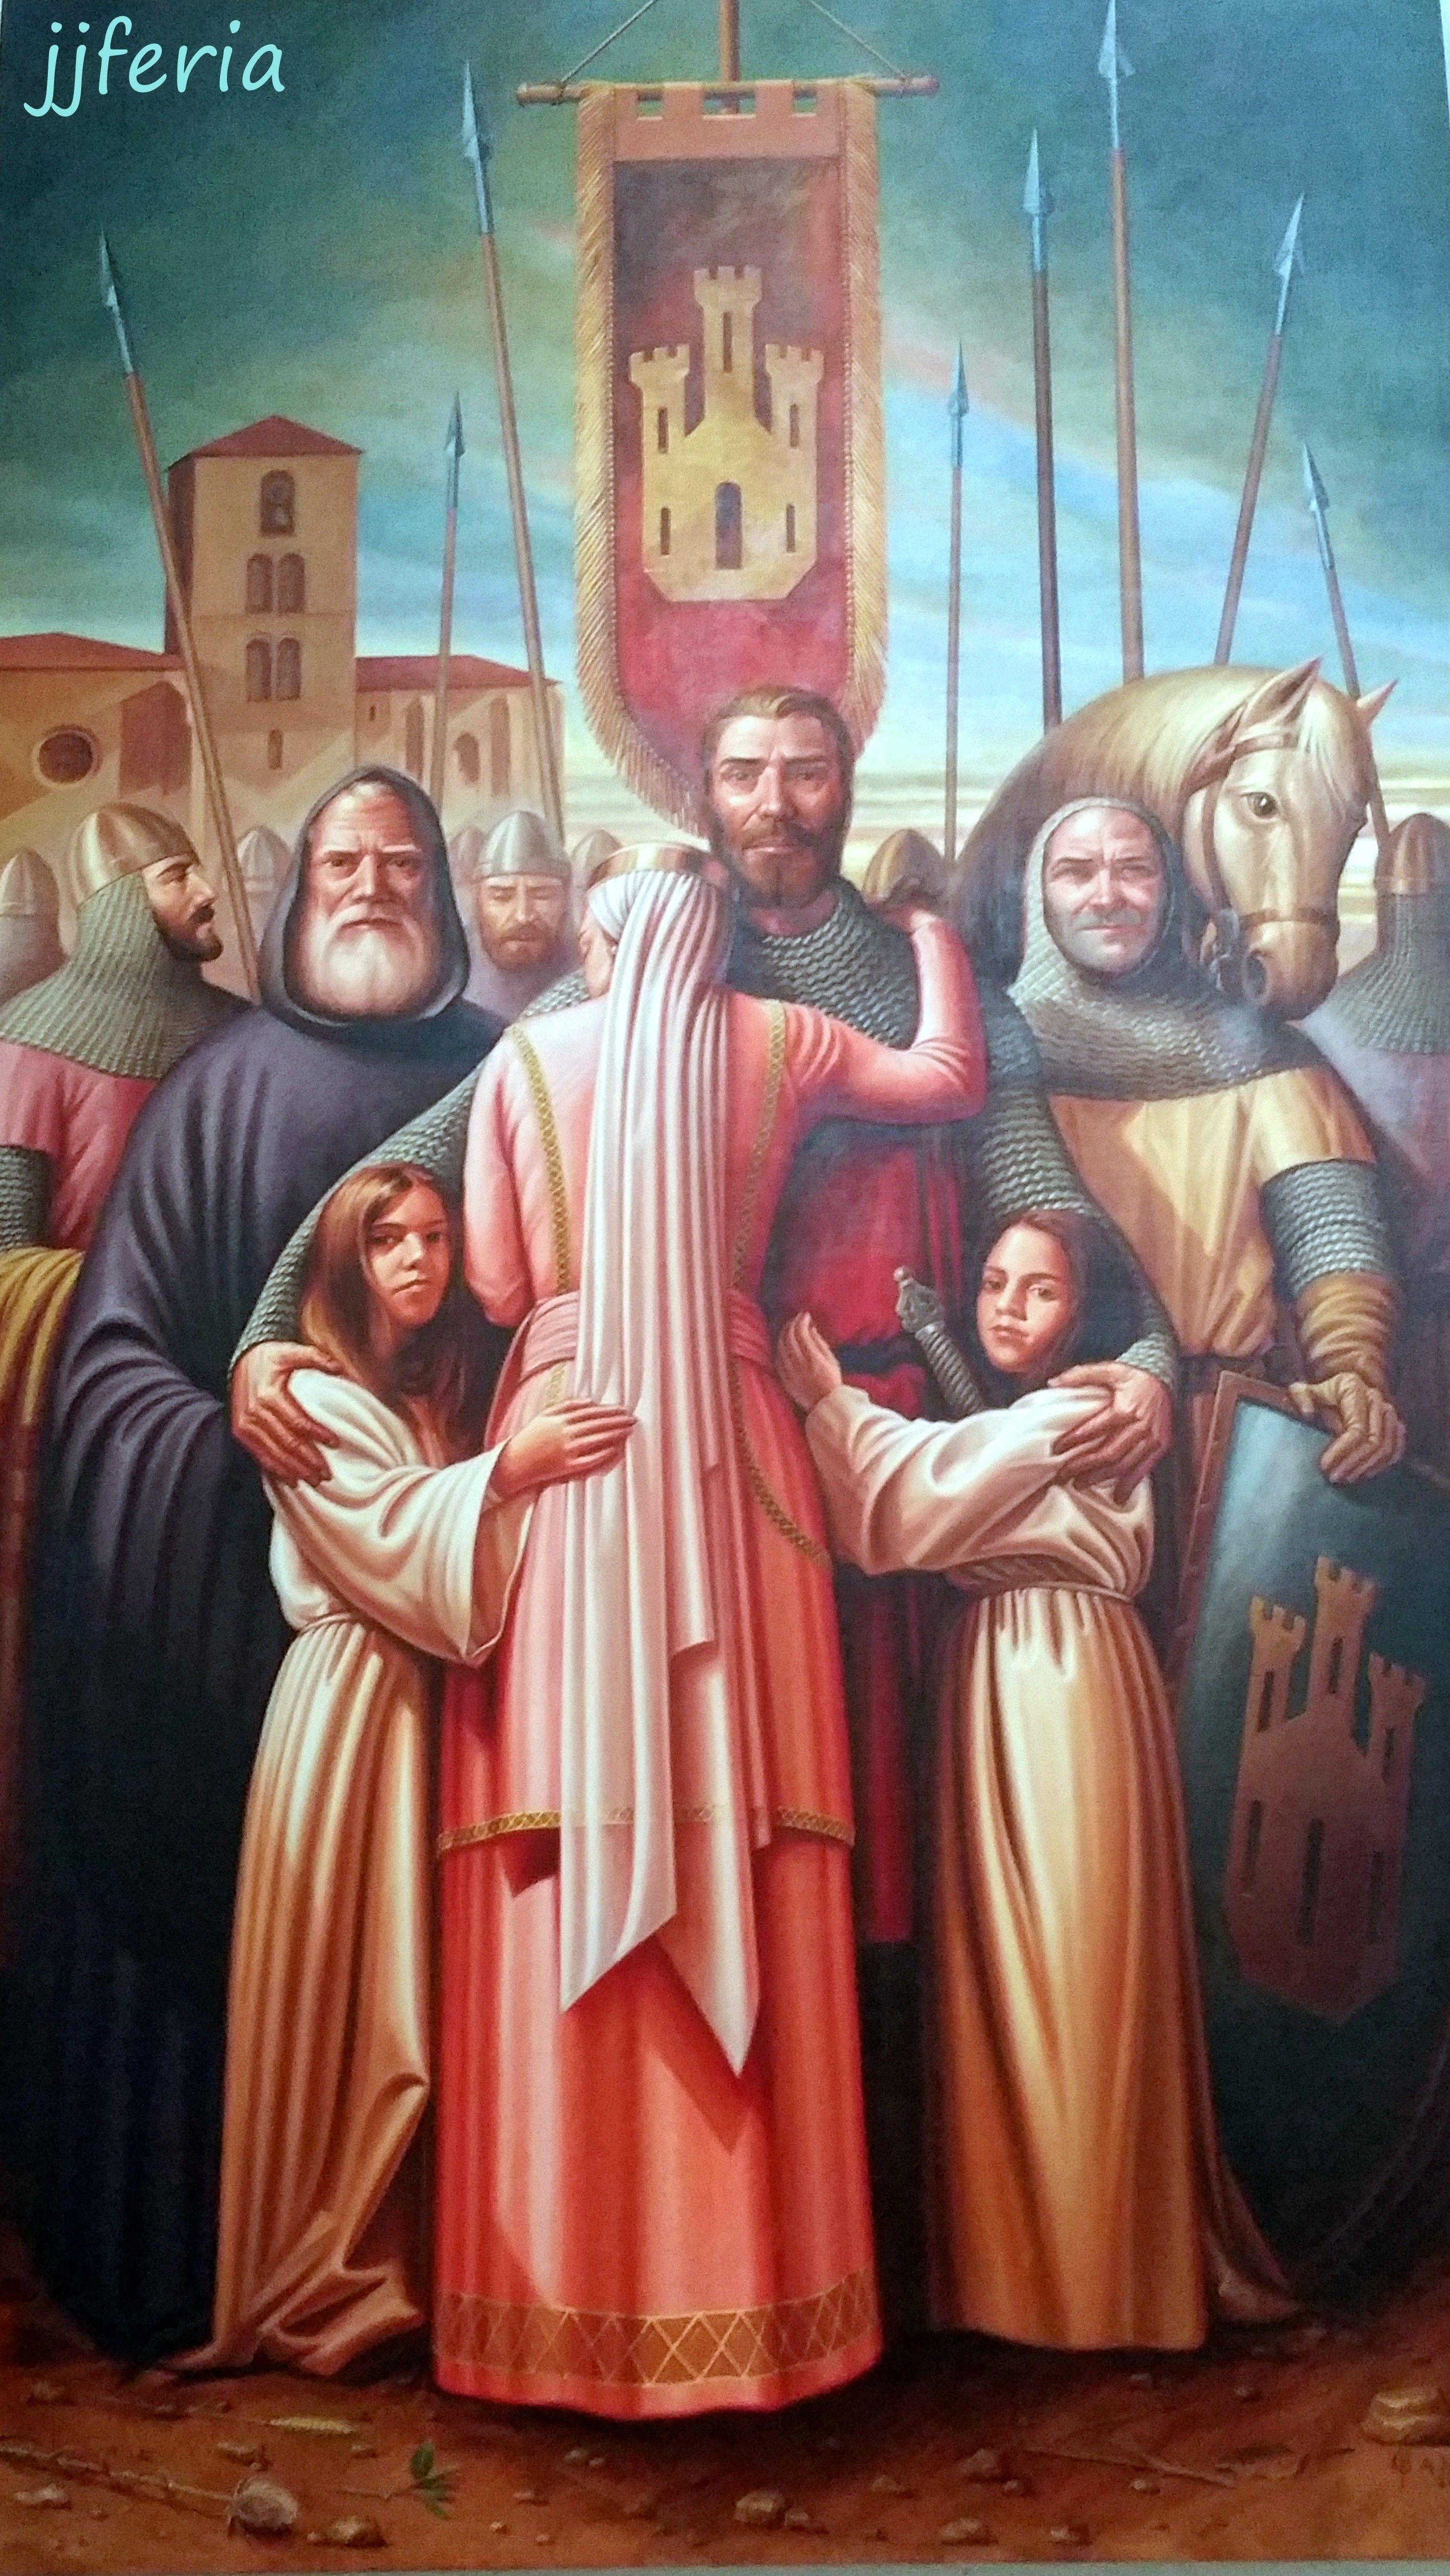 Despedida del Cid de su familia en el Monasterio de San Pedro de Cardeña (foto jjferia)